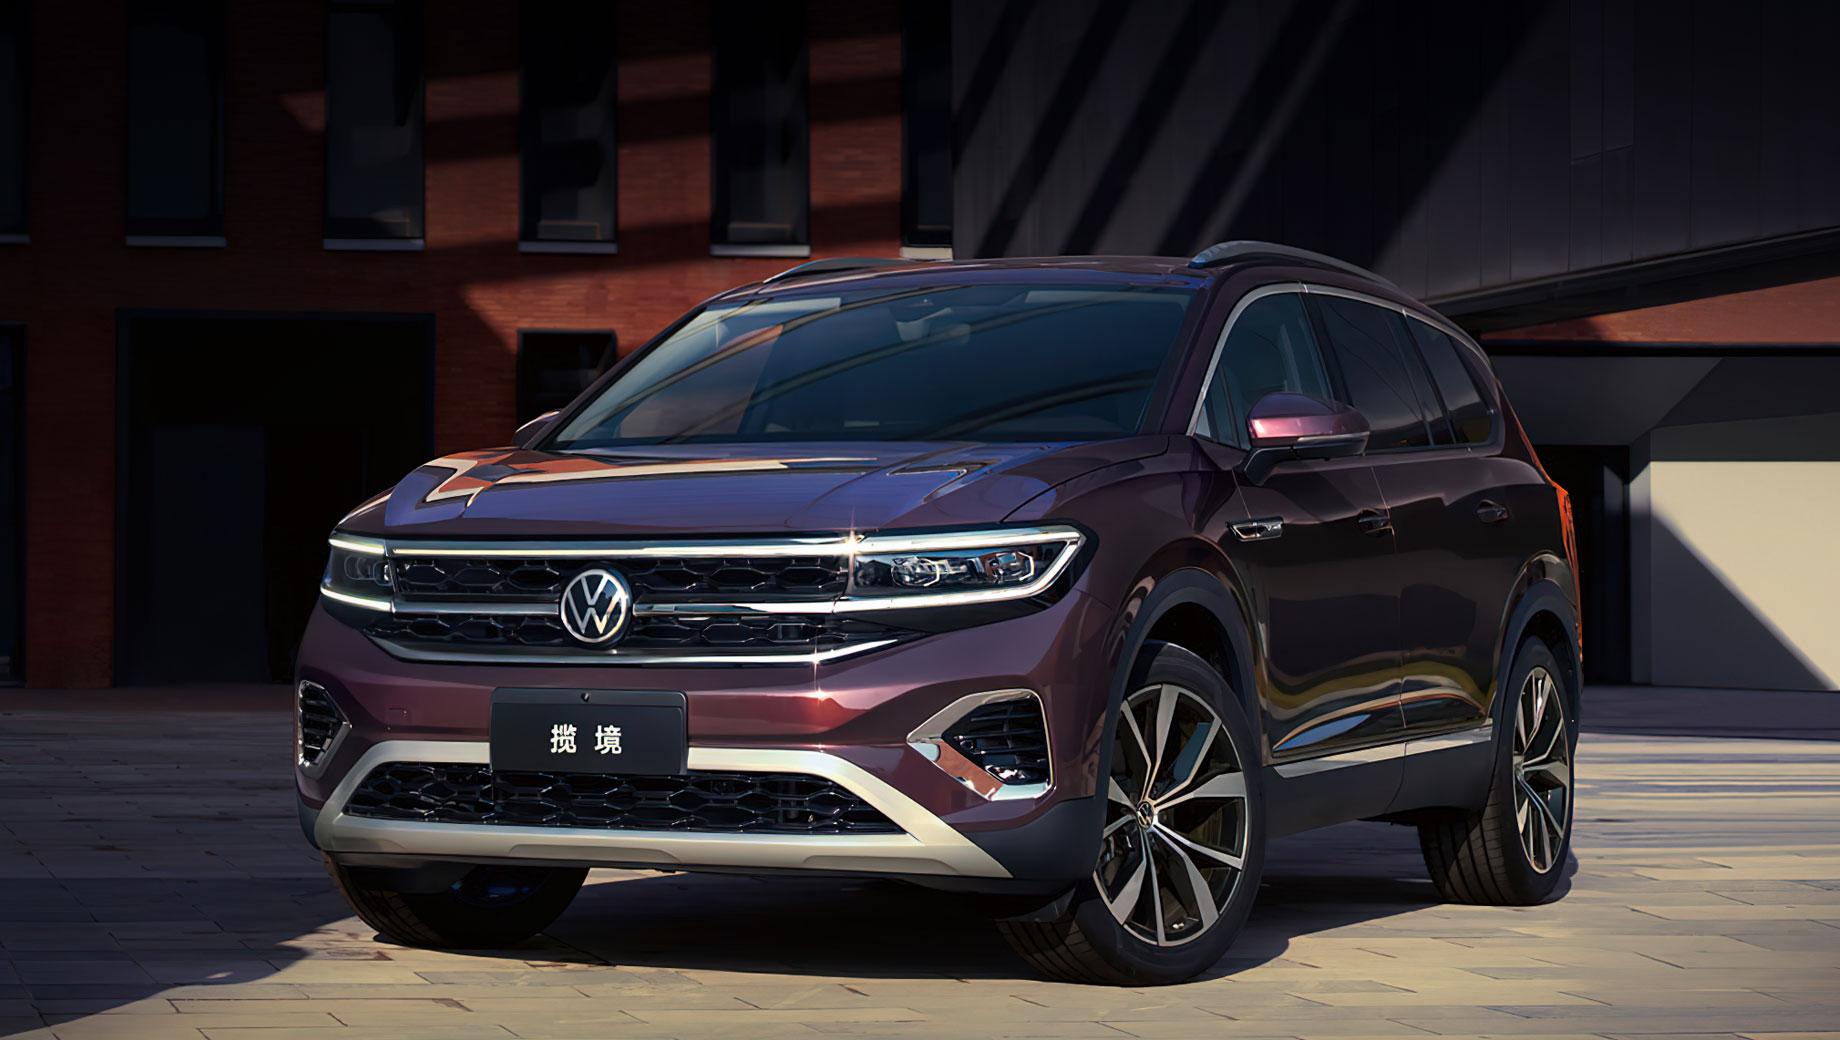 Volkswagen talagon. Предприятие FAW Volkswagen одарило модель китайским именем Lanjing (Ланьцзин). Её размеры: 5152×2002×1795 мм, колёсная база — 2980. Уникальный, по мнению немцев, внешний вид новичку придаёт «световой пакет», обеспечивающий подсветку дверных ручек, направляющих и логотипов.